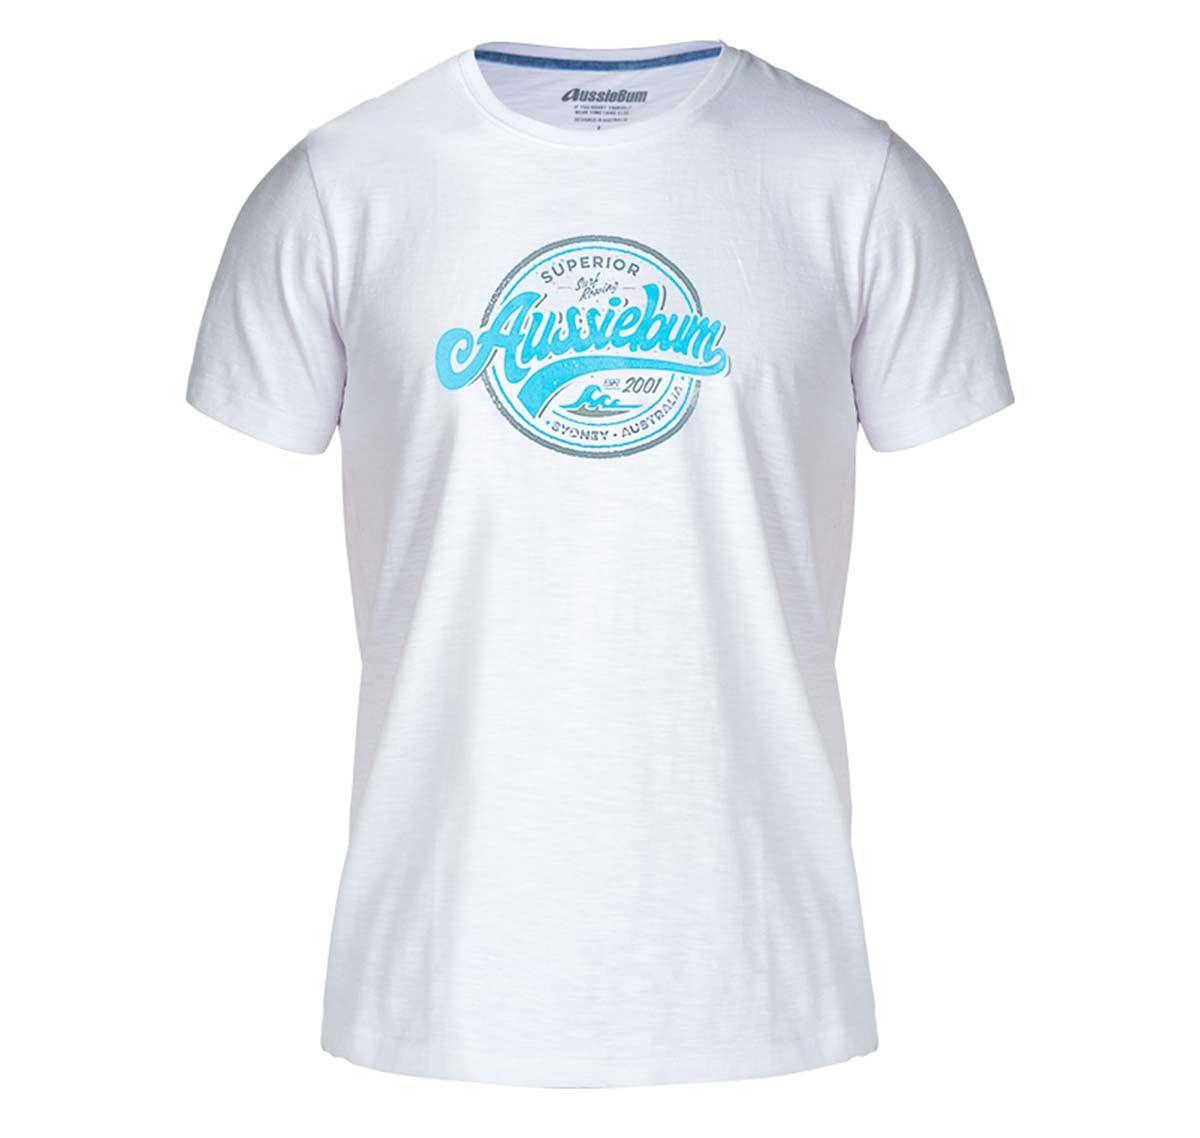 aussieBum Camiseta DESIGNER TEE WAVES BLUE, blanco